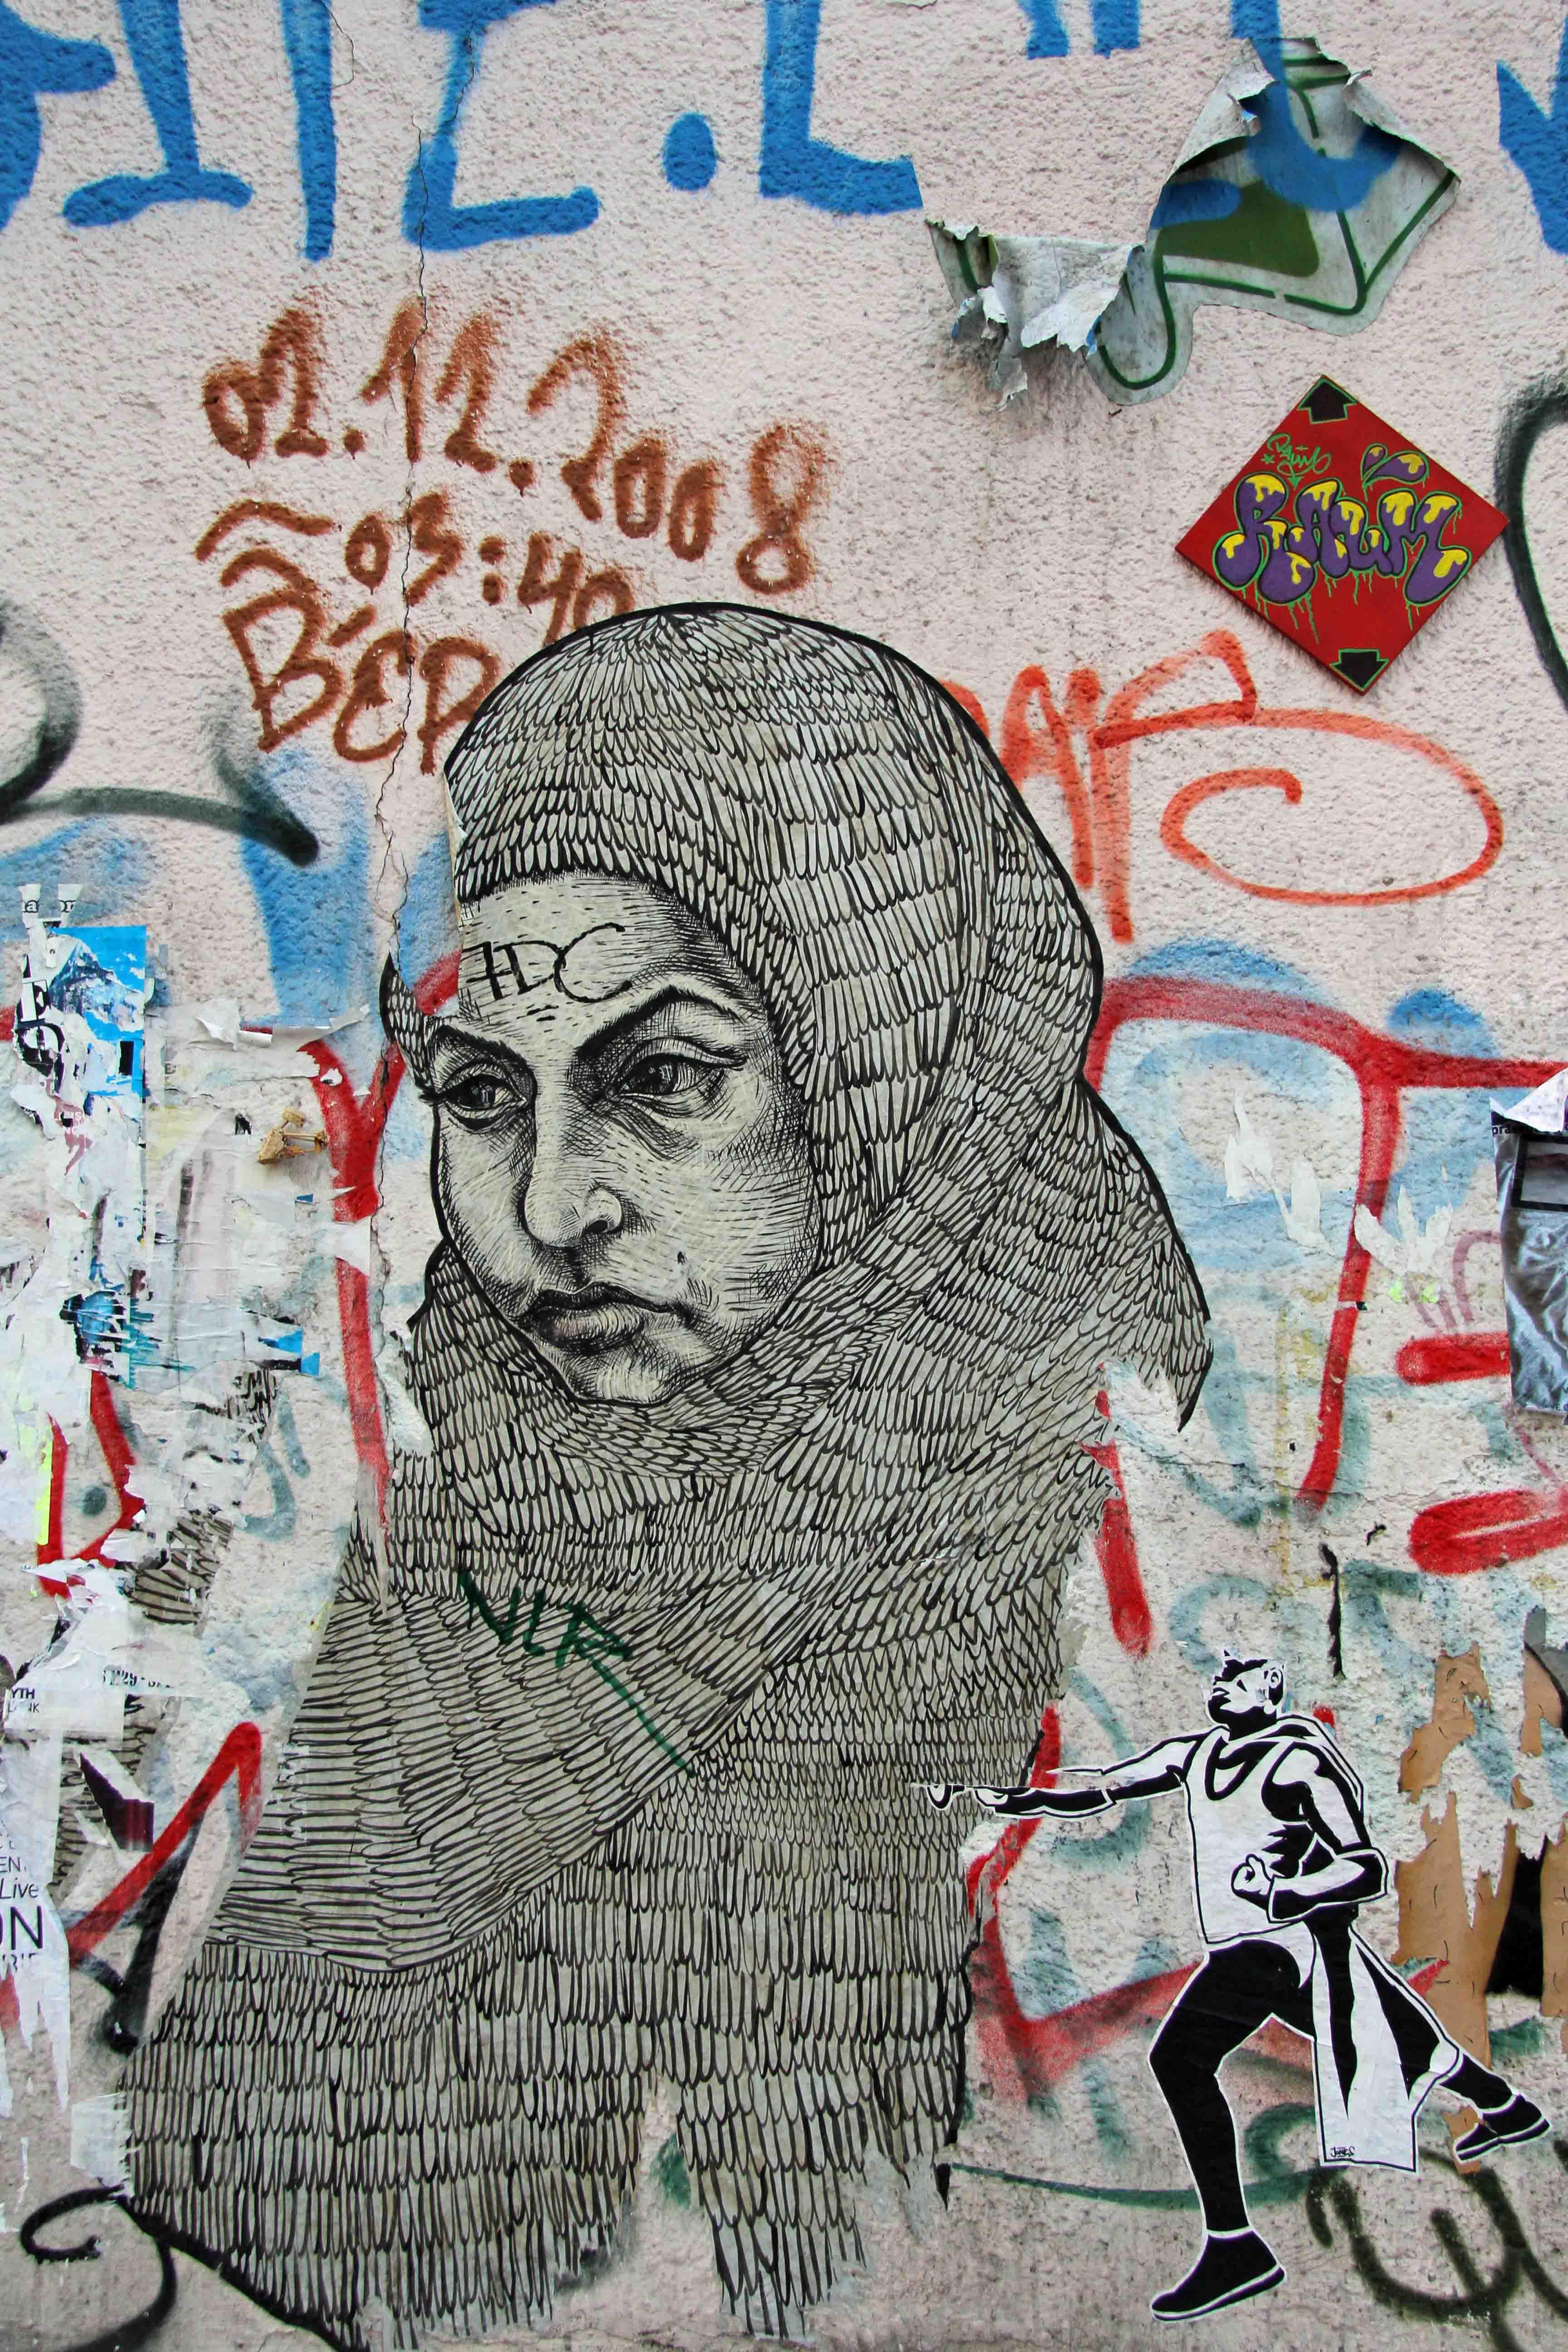 Hijab - Street Art by LNY in Berlin